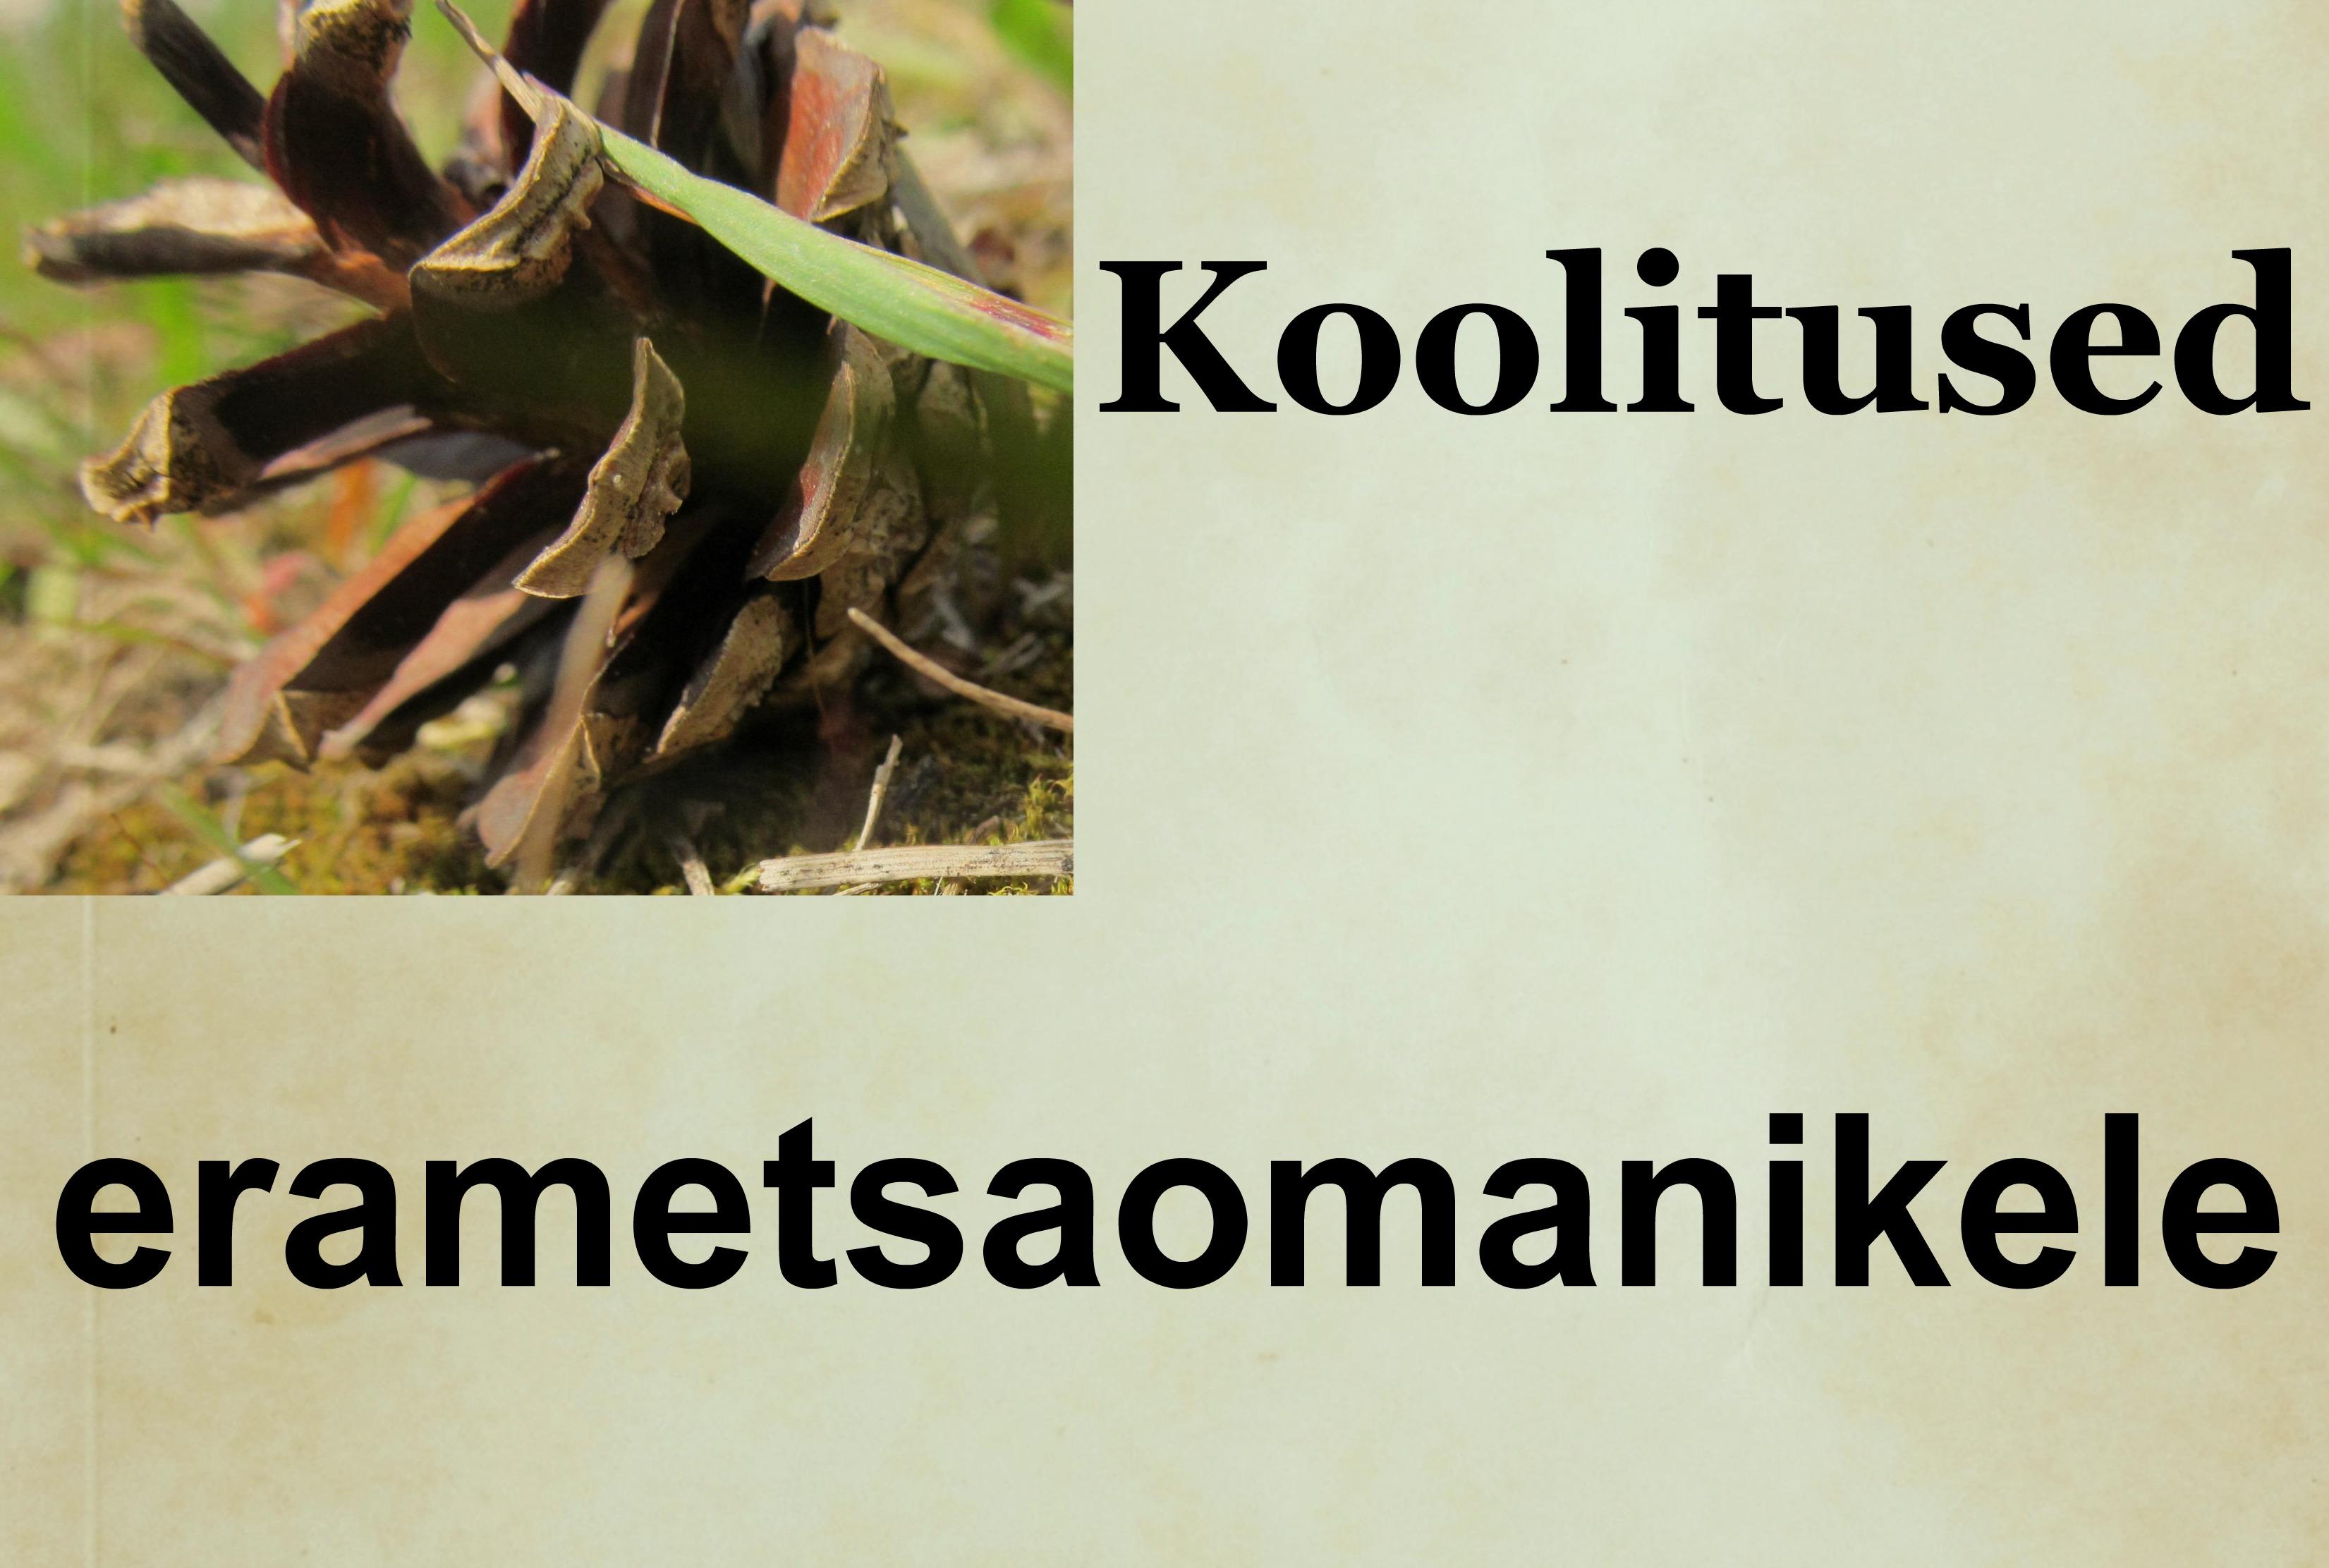 http://vana.erametsaliit.ee/koolituste-info/